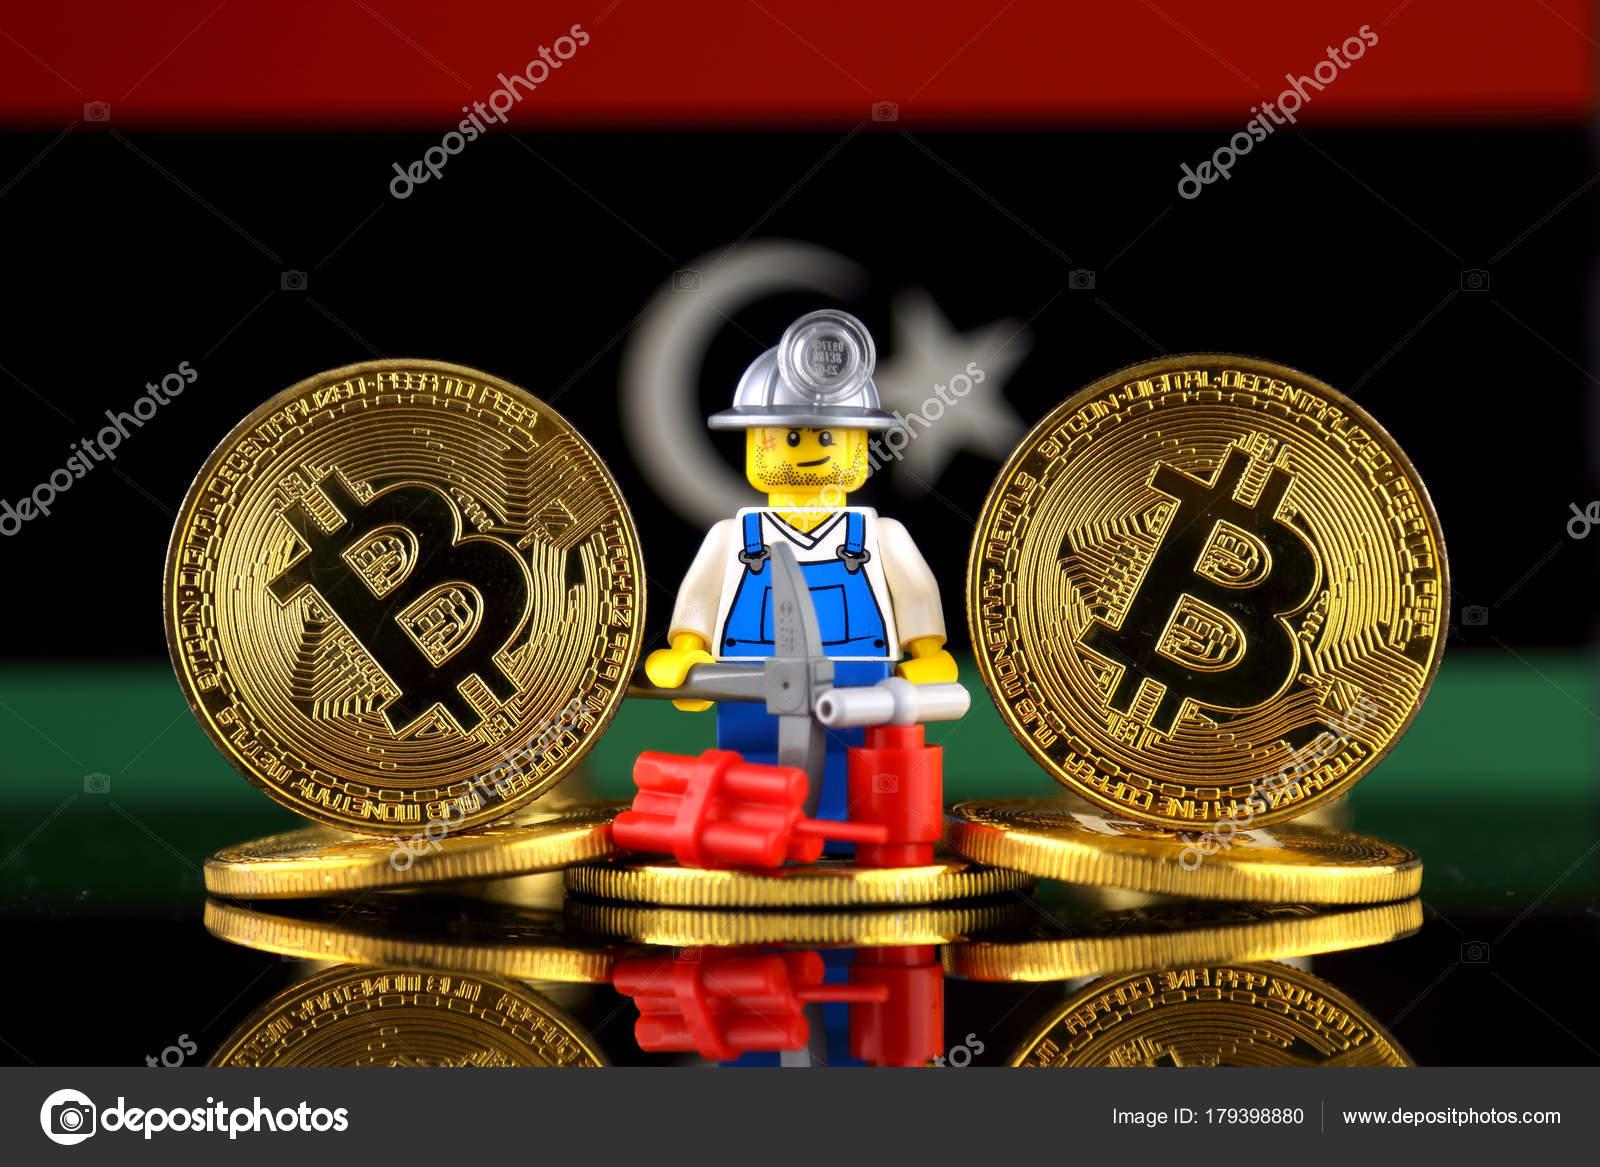 Verso fsica bitcoin mineiro bandeira lbia imagem conceitual verso fsica bitcoin mineiro bandeira lbia imagem conceitual minerao cryptocurrency fotografia de stock ccuart Choice Image